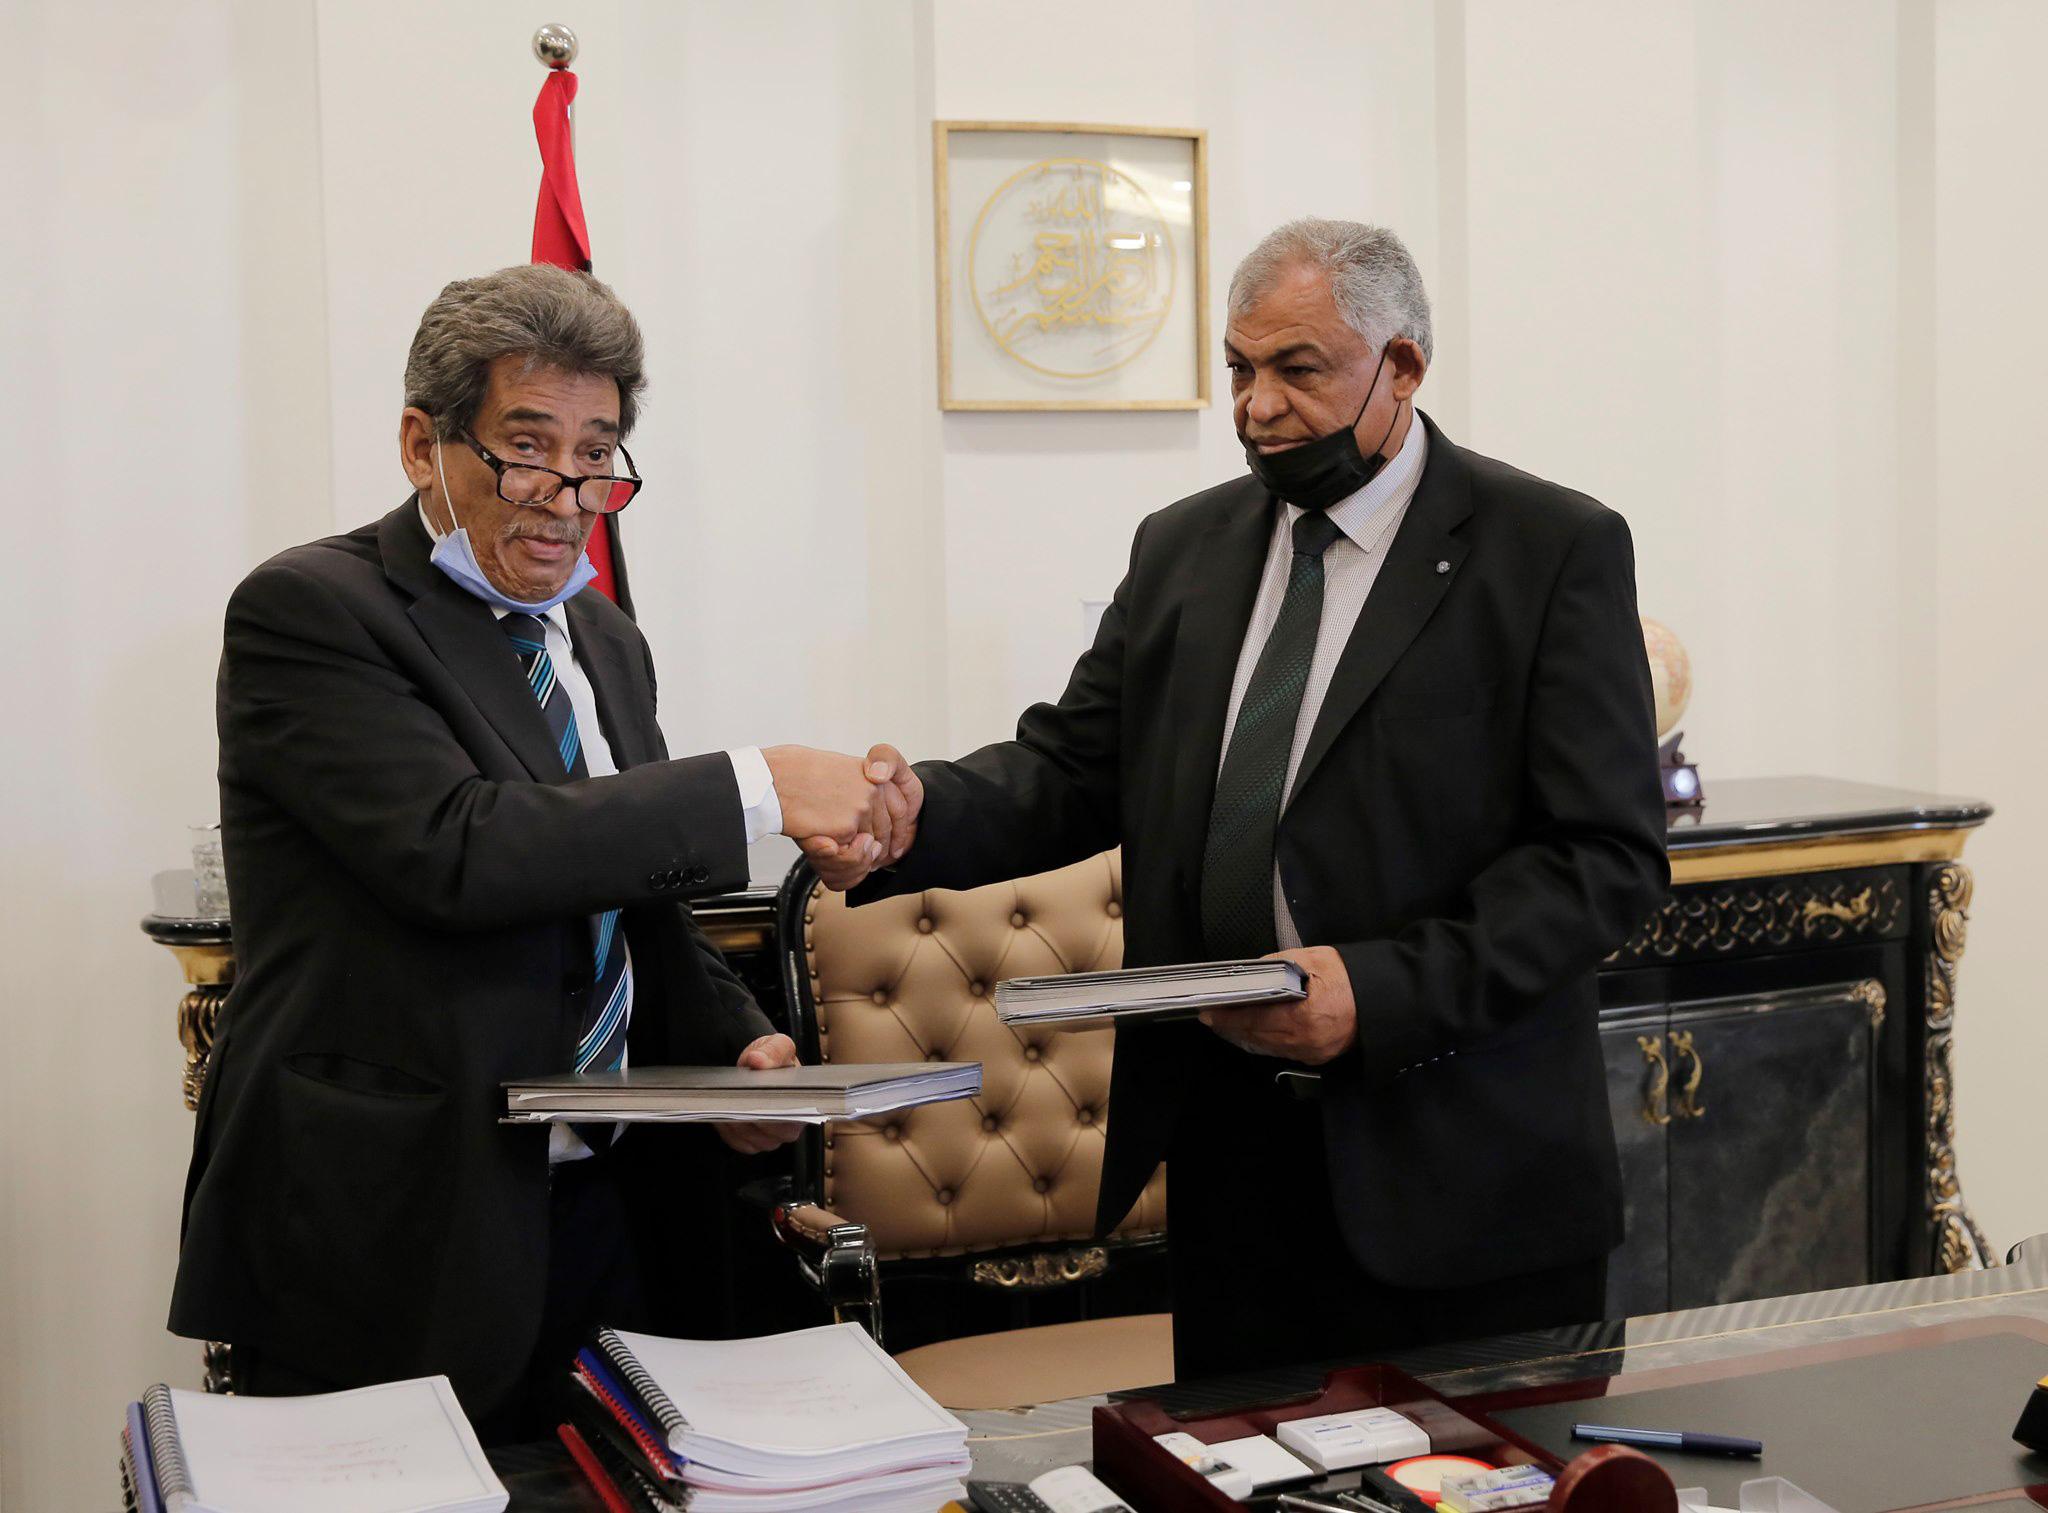 انتهاء مراسم التسليم والاستلام النهائية بين حكومة «الثني» وحكومة الوحدة الوطنية